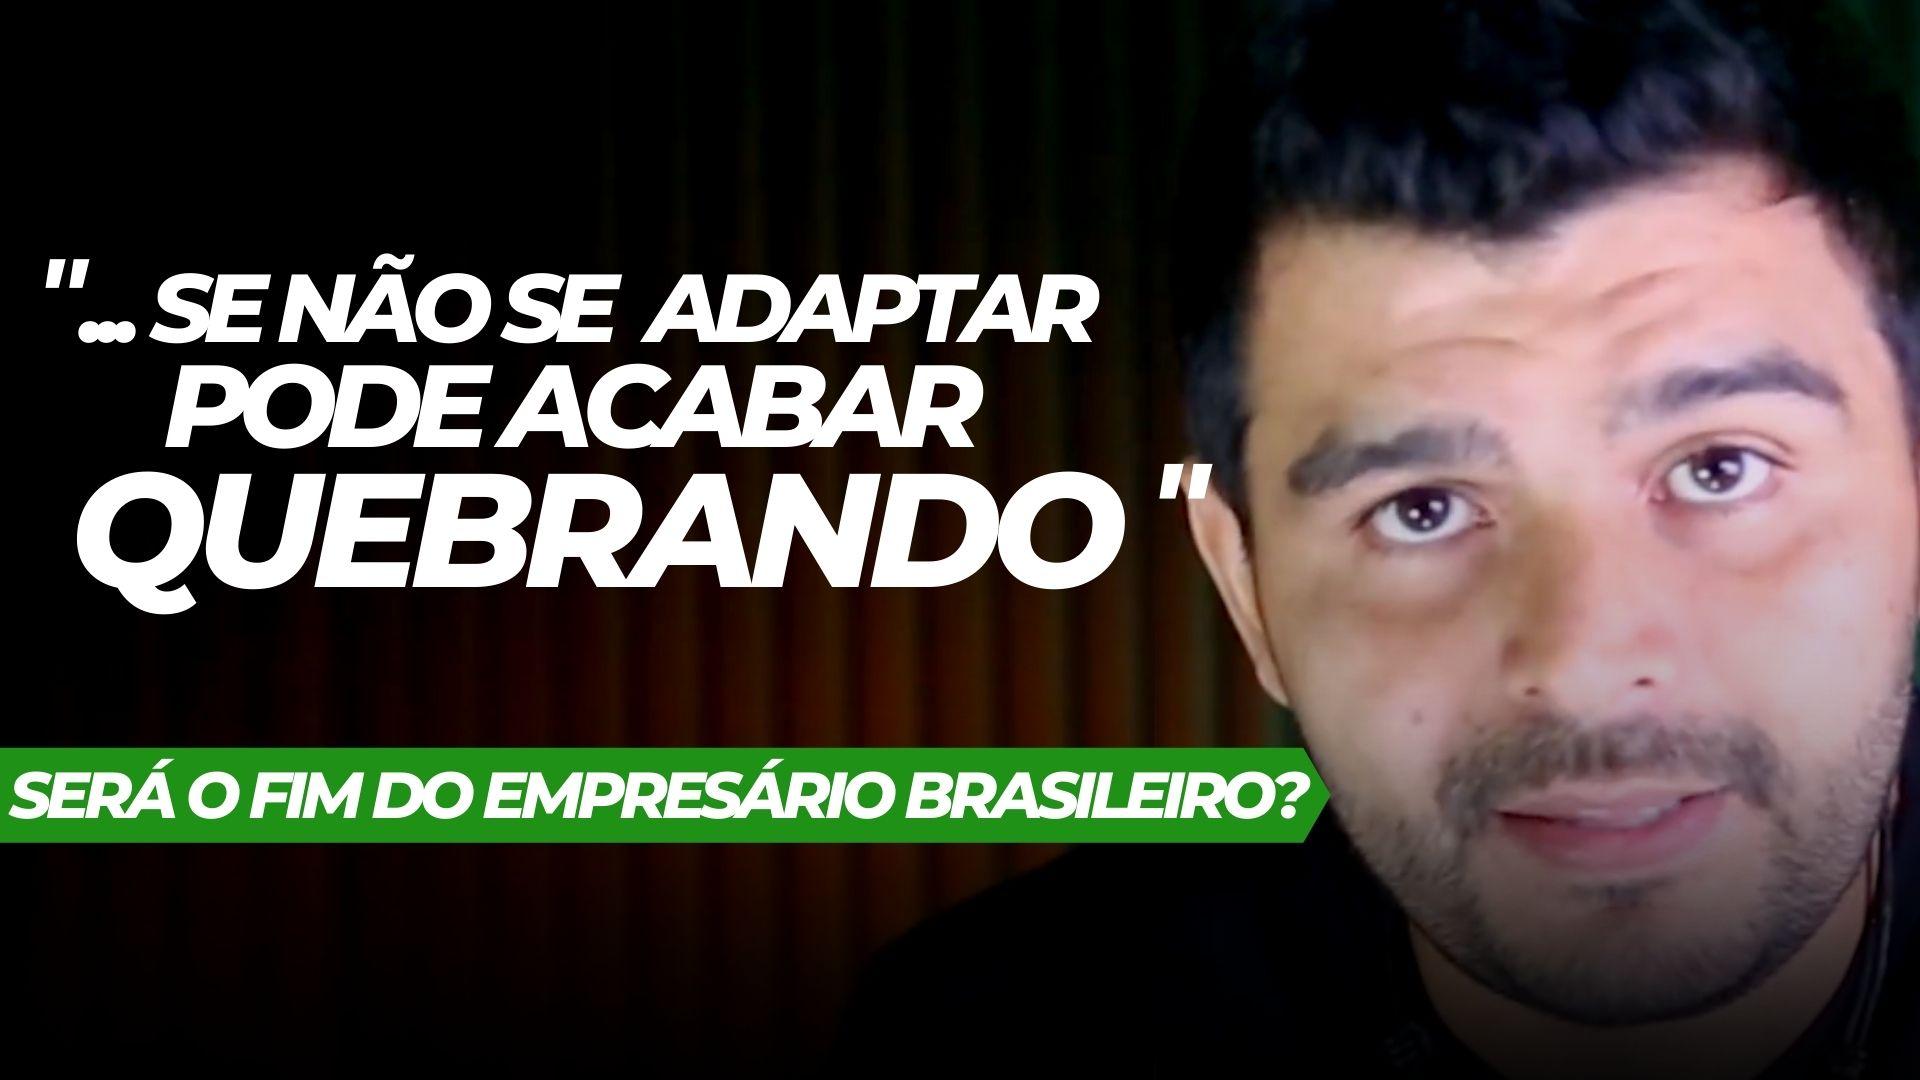 Será o fim do empresário brasileiro?